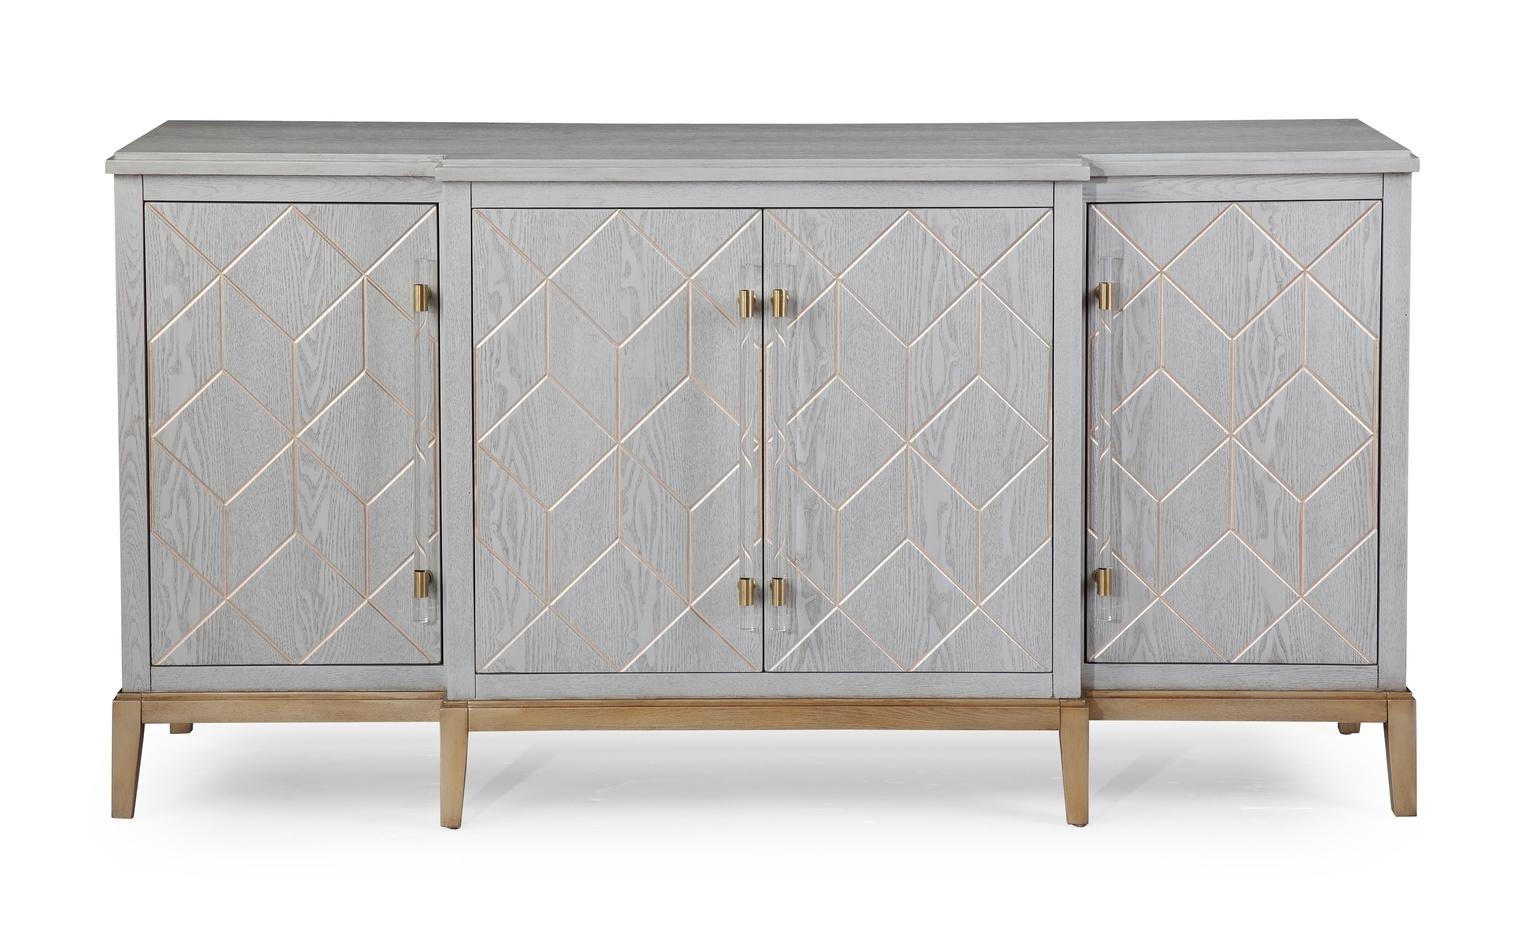 White Wood Gold Base Sideboard Cabinet regarding Diamond Circle Sideboards (Image 30 of 30)